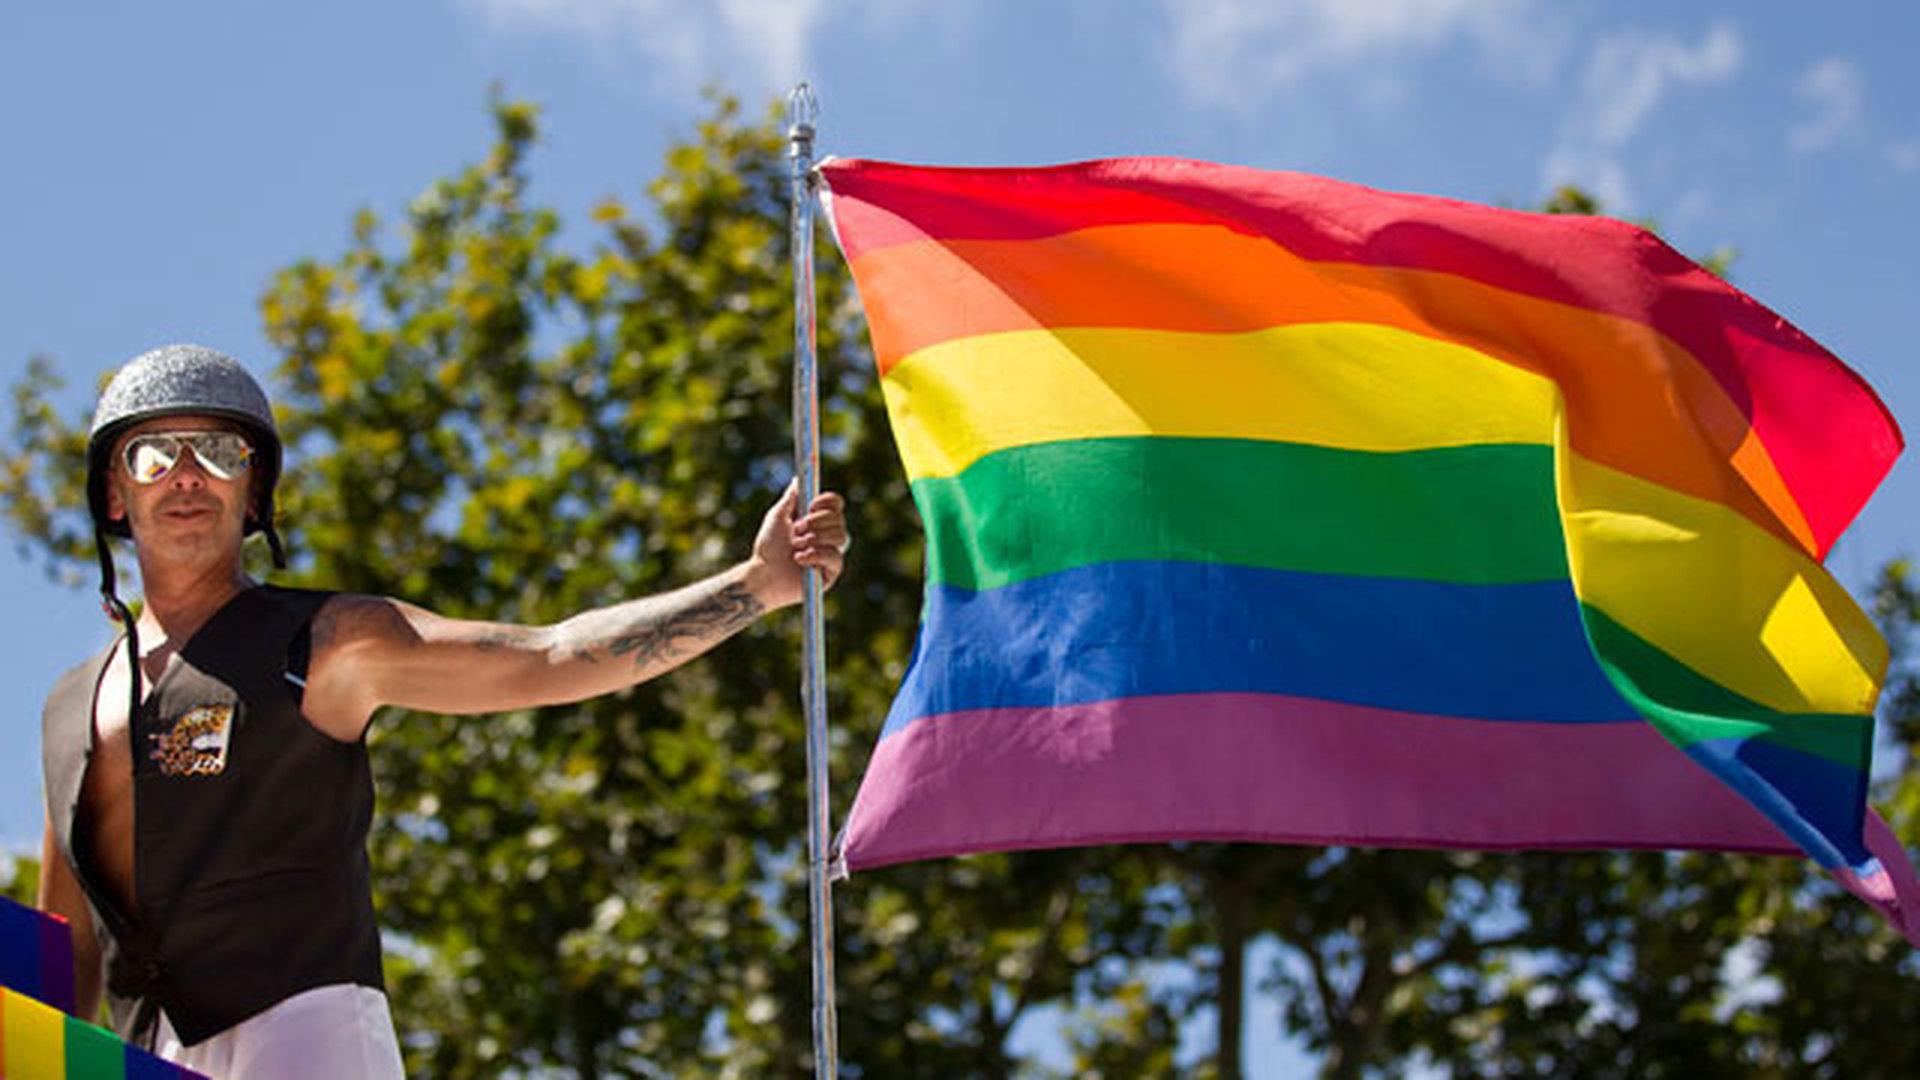 Гомосексуализм в сша